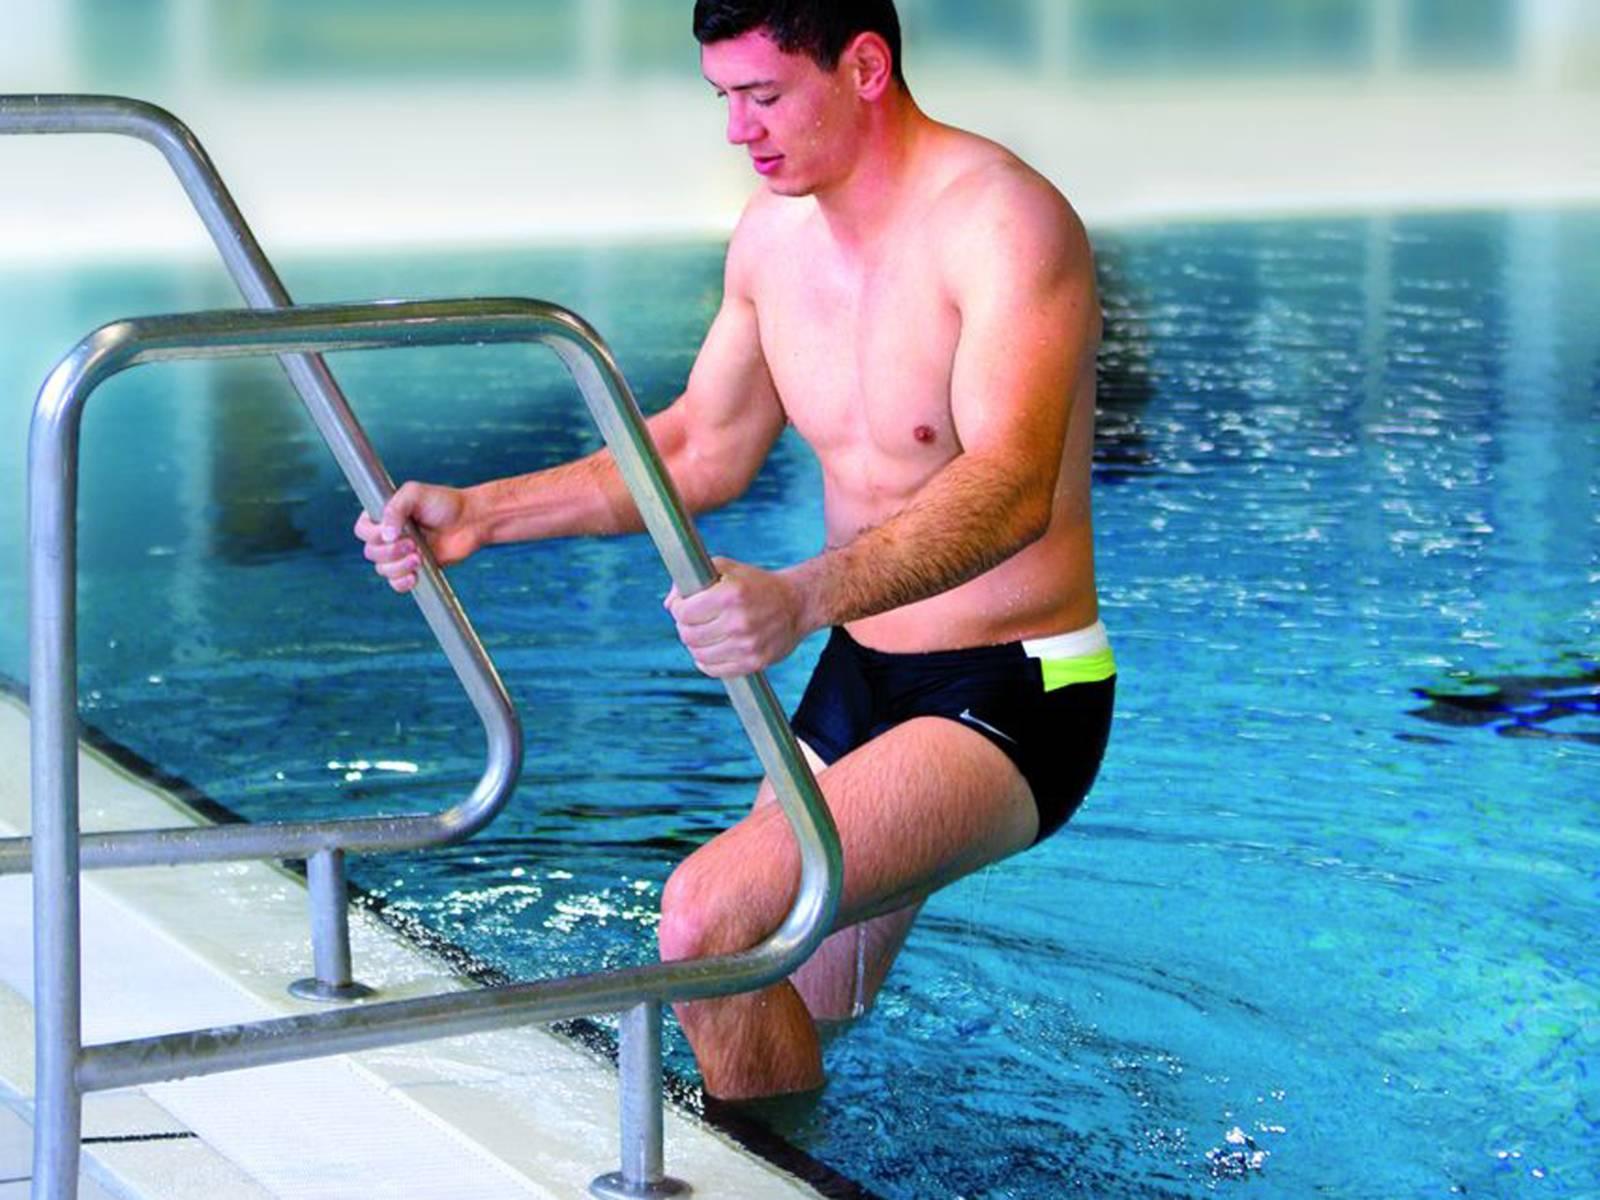 Ein junger Mann geht über eine Badeleiter in das Schwimmbecken eines Hallenbades